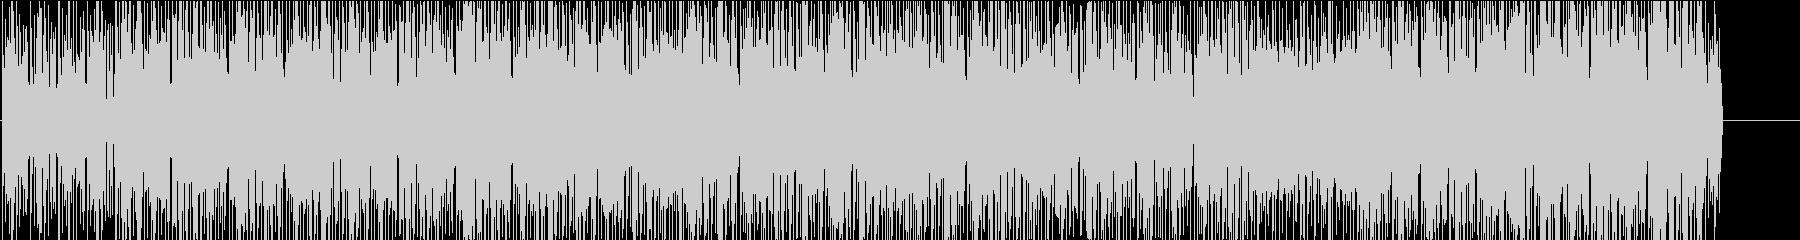 あやしい 緊張 不安 スリル サスペンスの未再生の波形